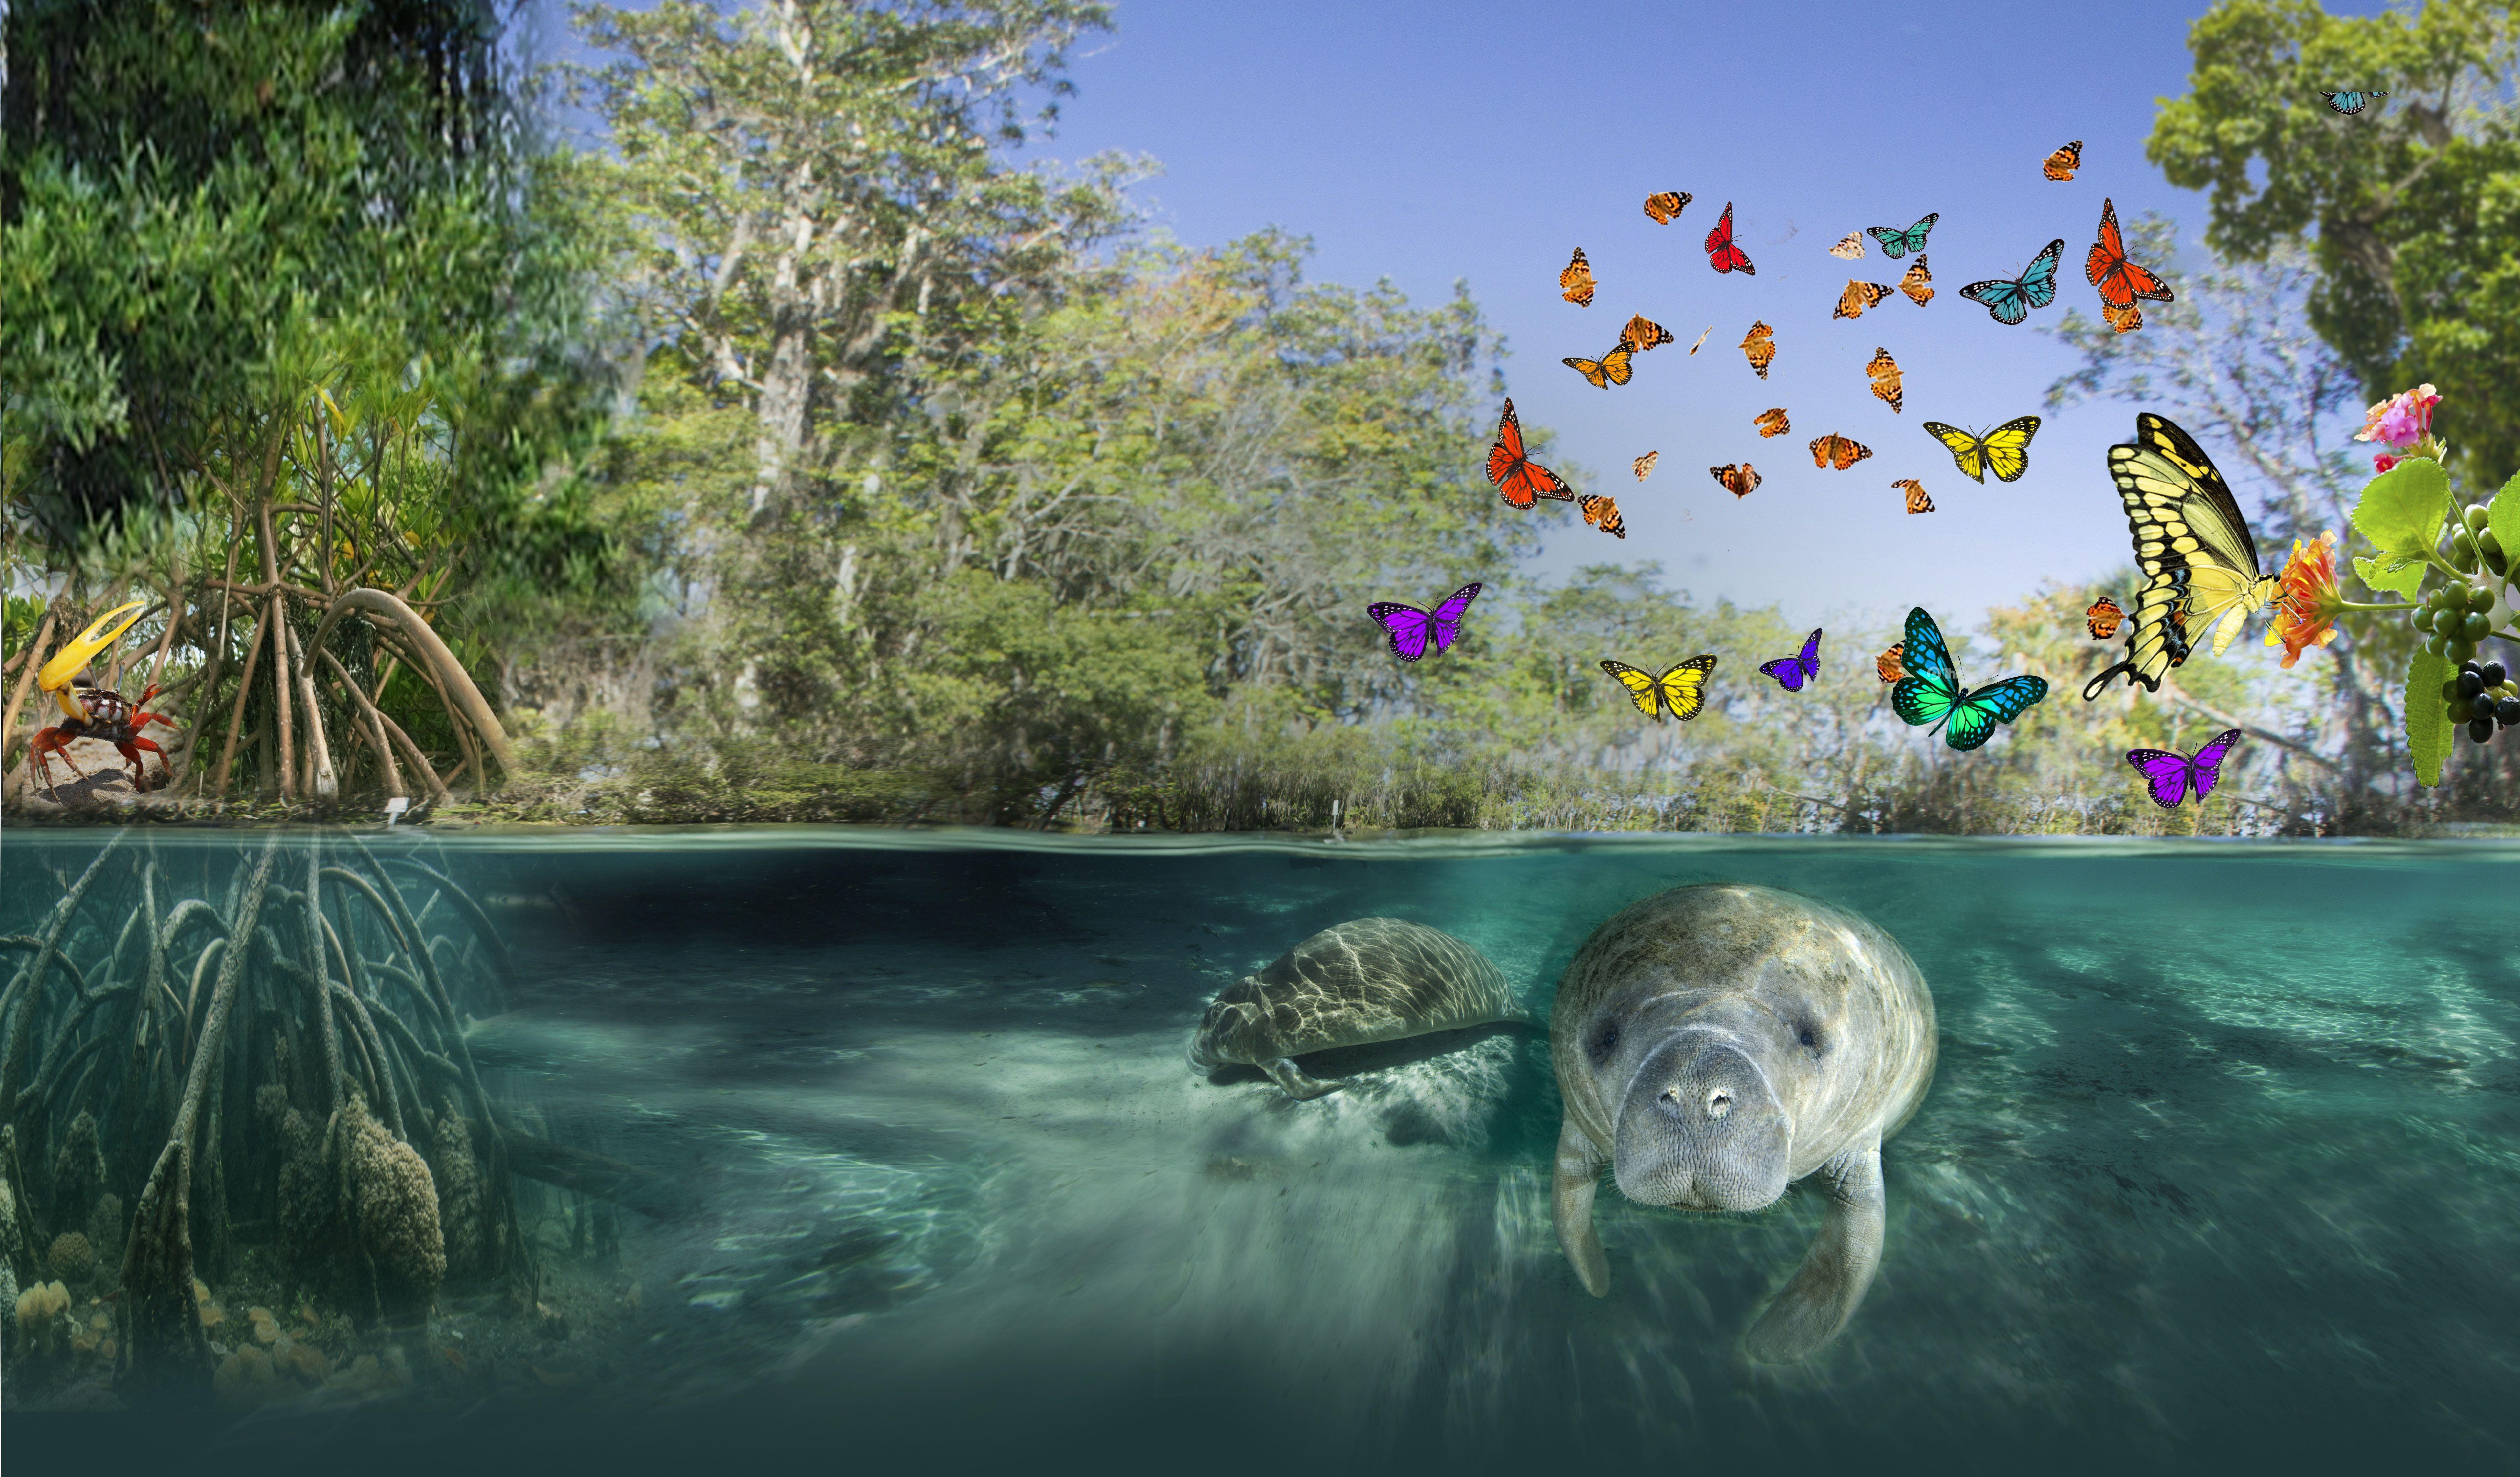 De Mangrove In Burgers Zoo Is Gebaseerd Op De